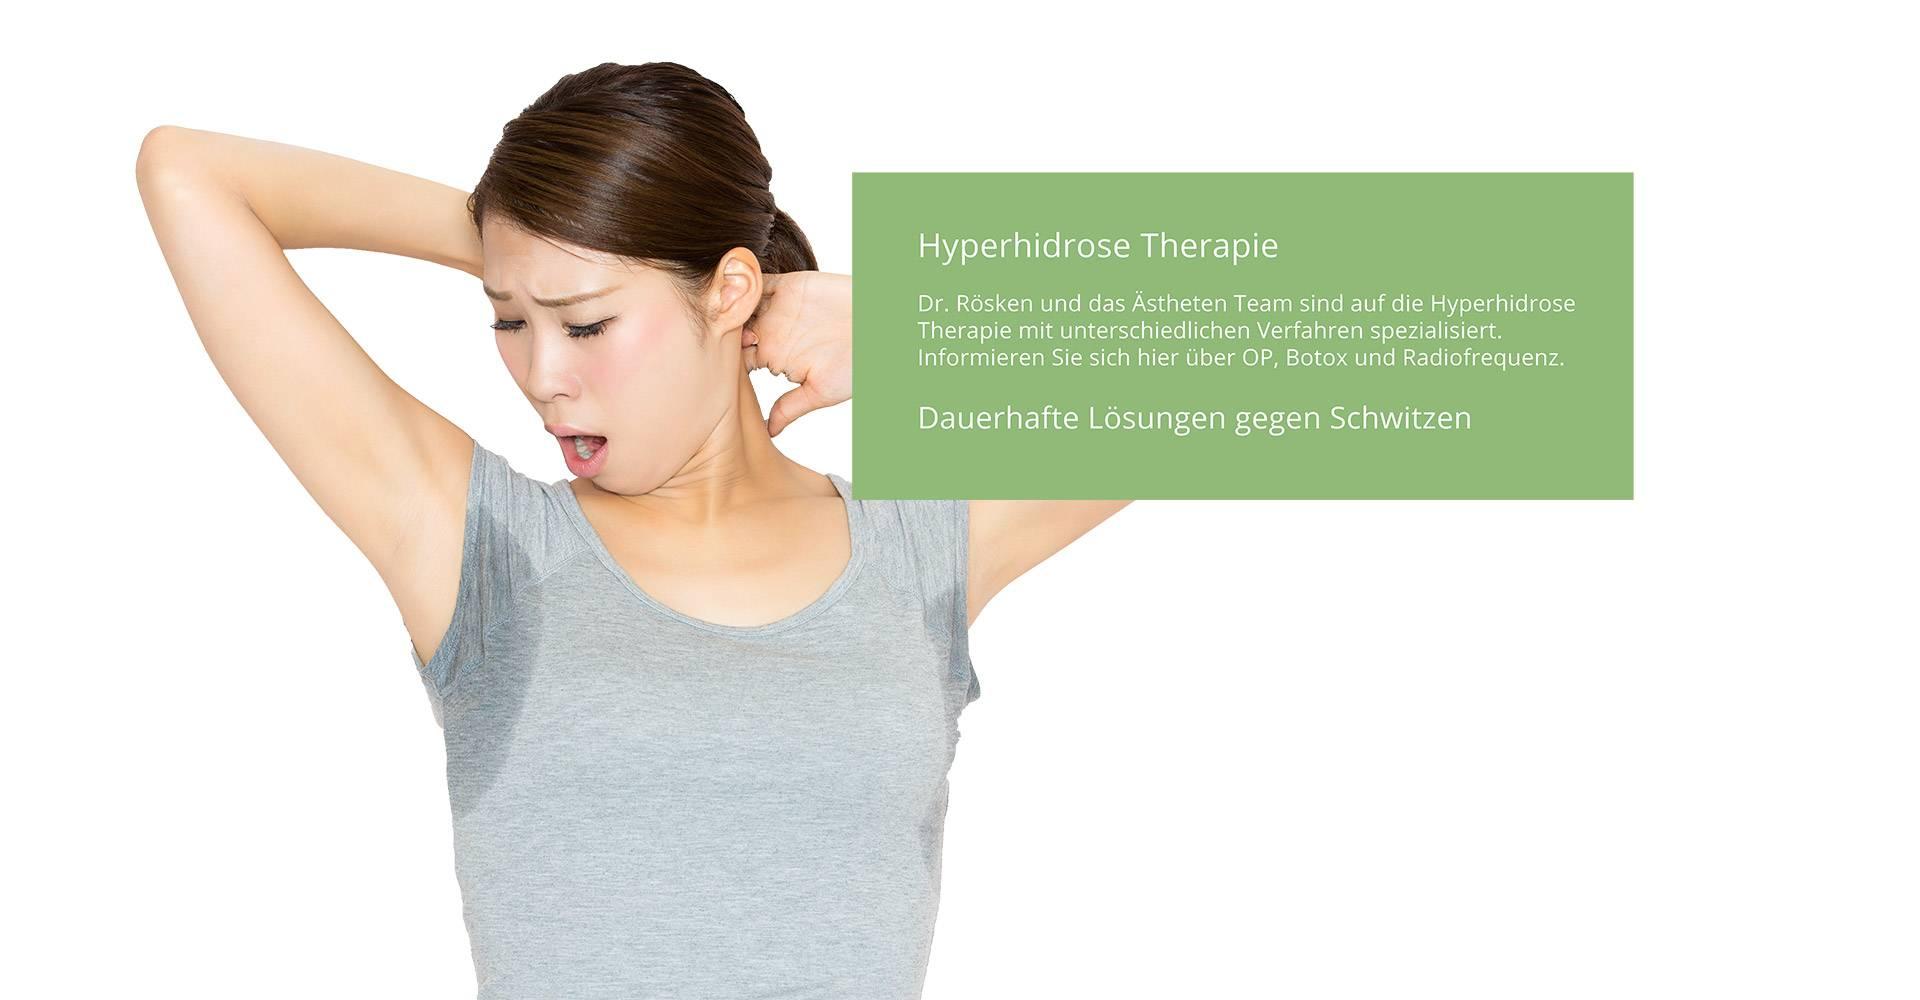 Hyperhidrose behandeln mobil